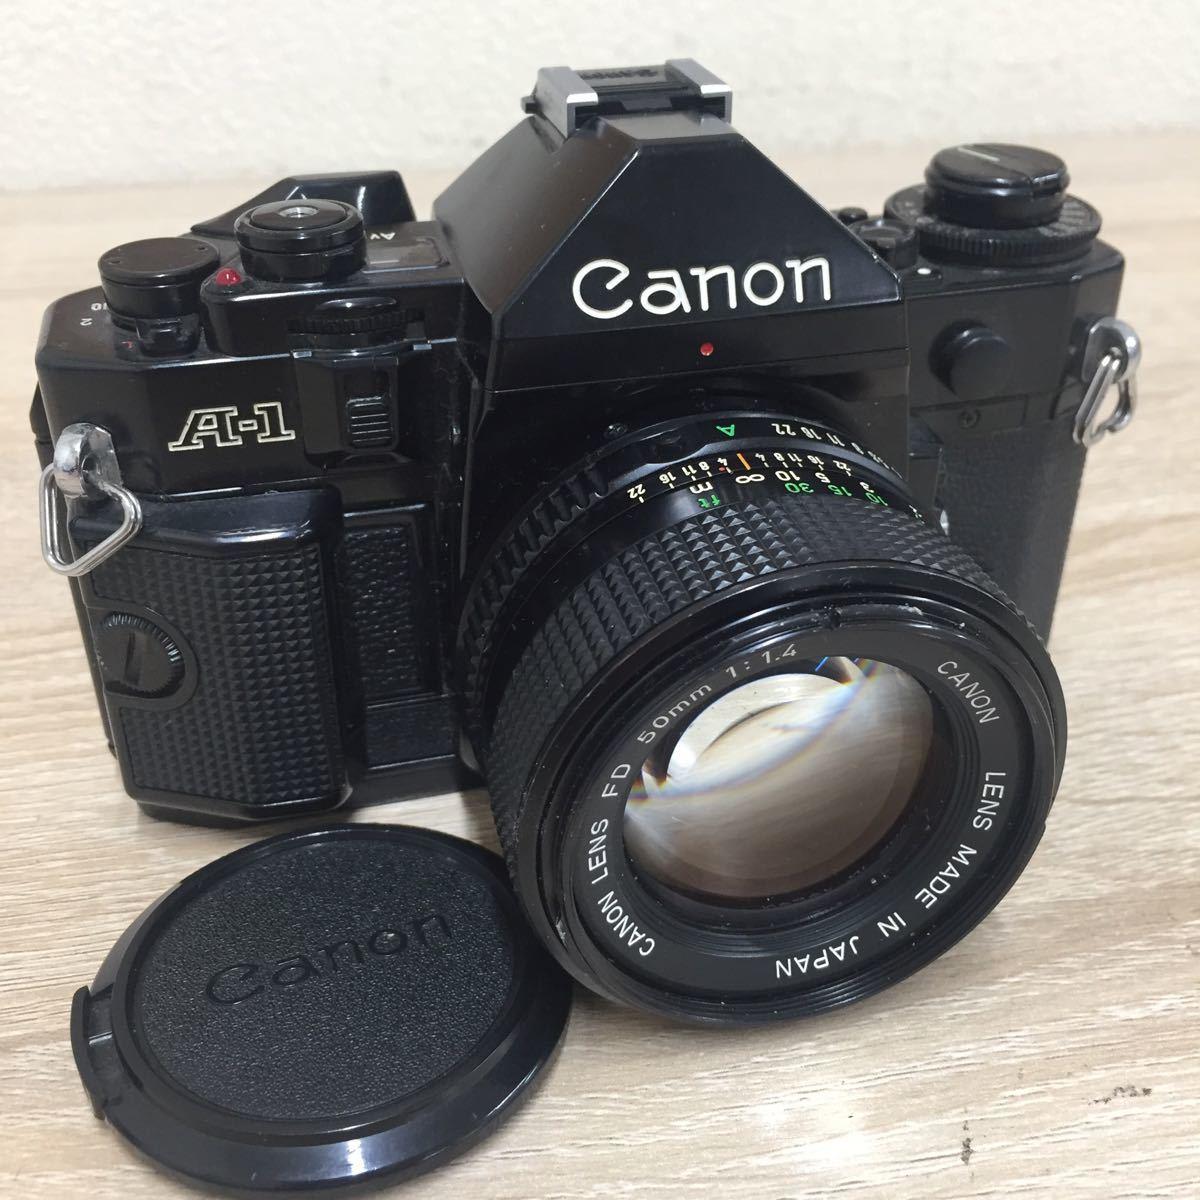 71 カメラ Canon キャノン A-1 LENS FD 50mm 1:1.4